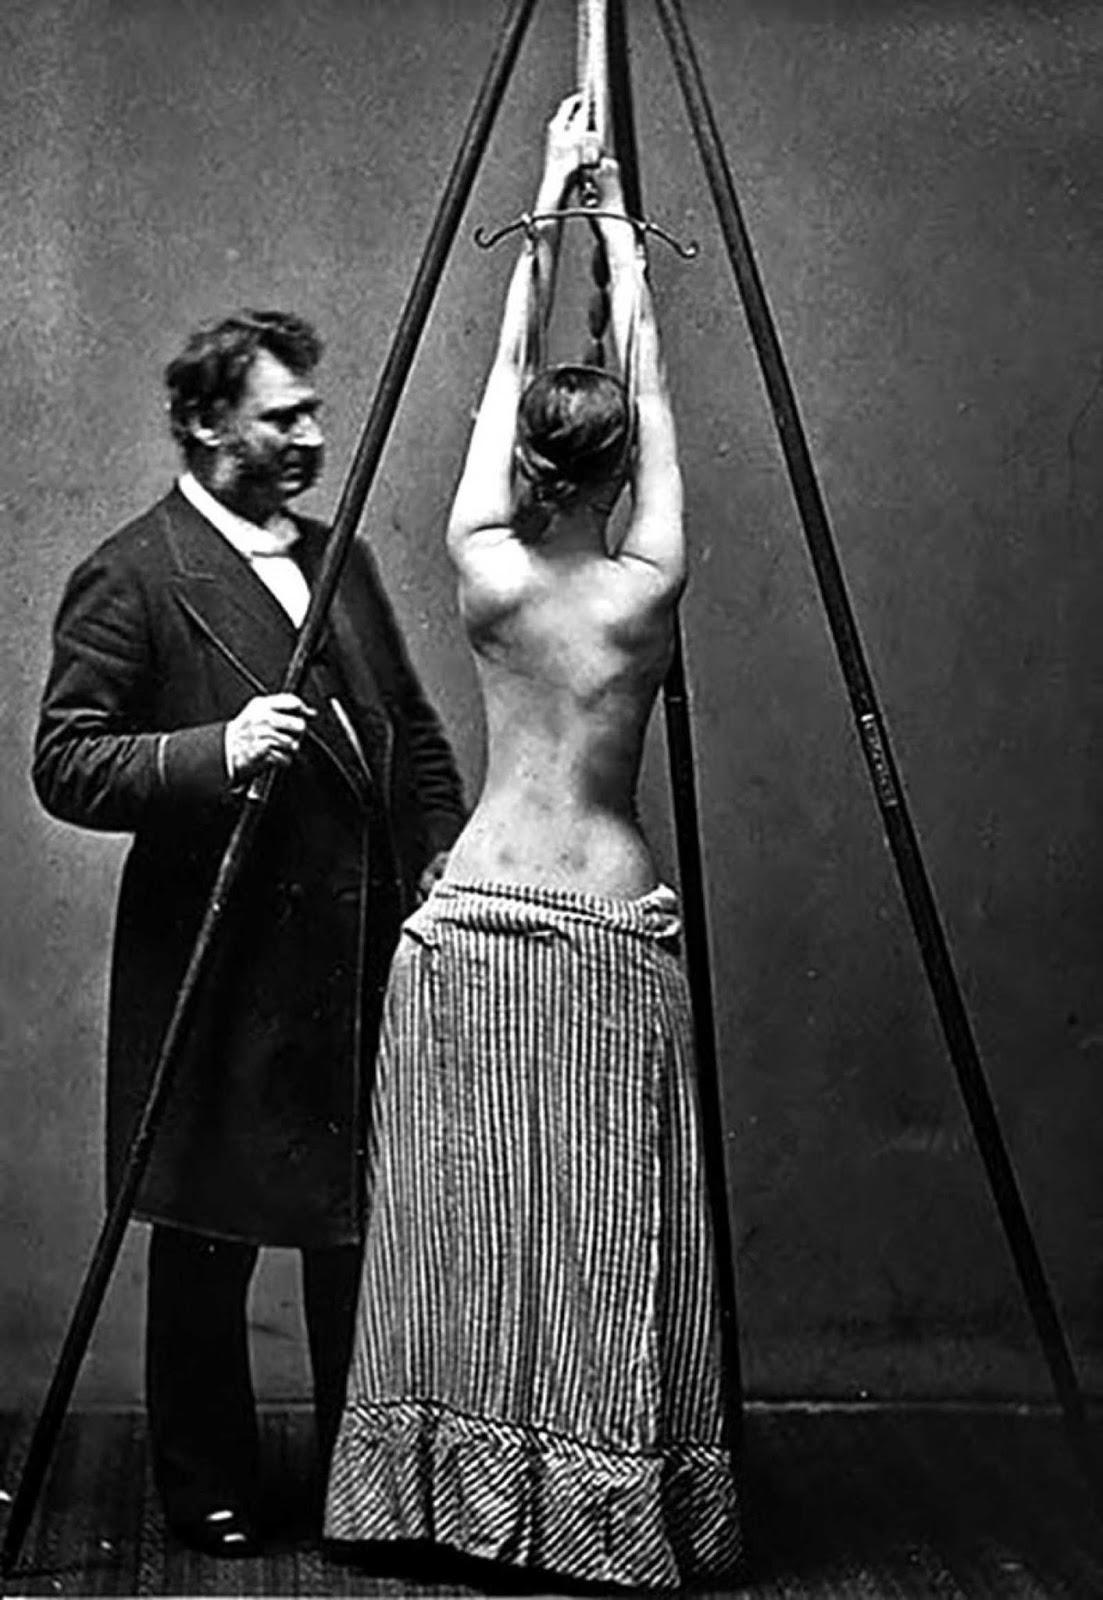 El Dr. Lewis Albert Sayre observa el cambio en la curvatura de la columna vertebral cuando la paciente se auto suspende antes de ser envuelta en un vendaje de vendaje de París como parte de su tratamiento de escoliosis alrededor de 1850-1900.